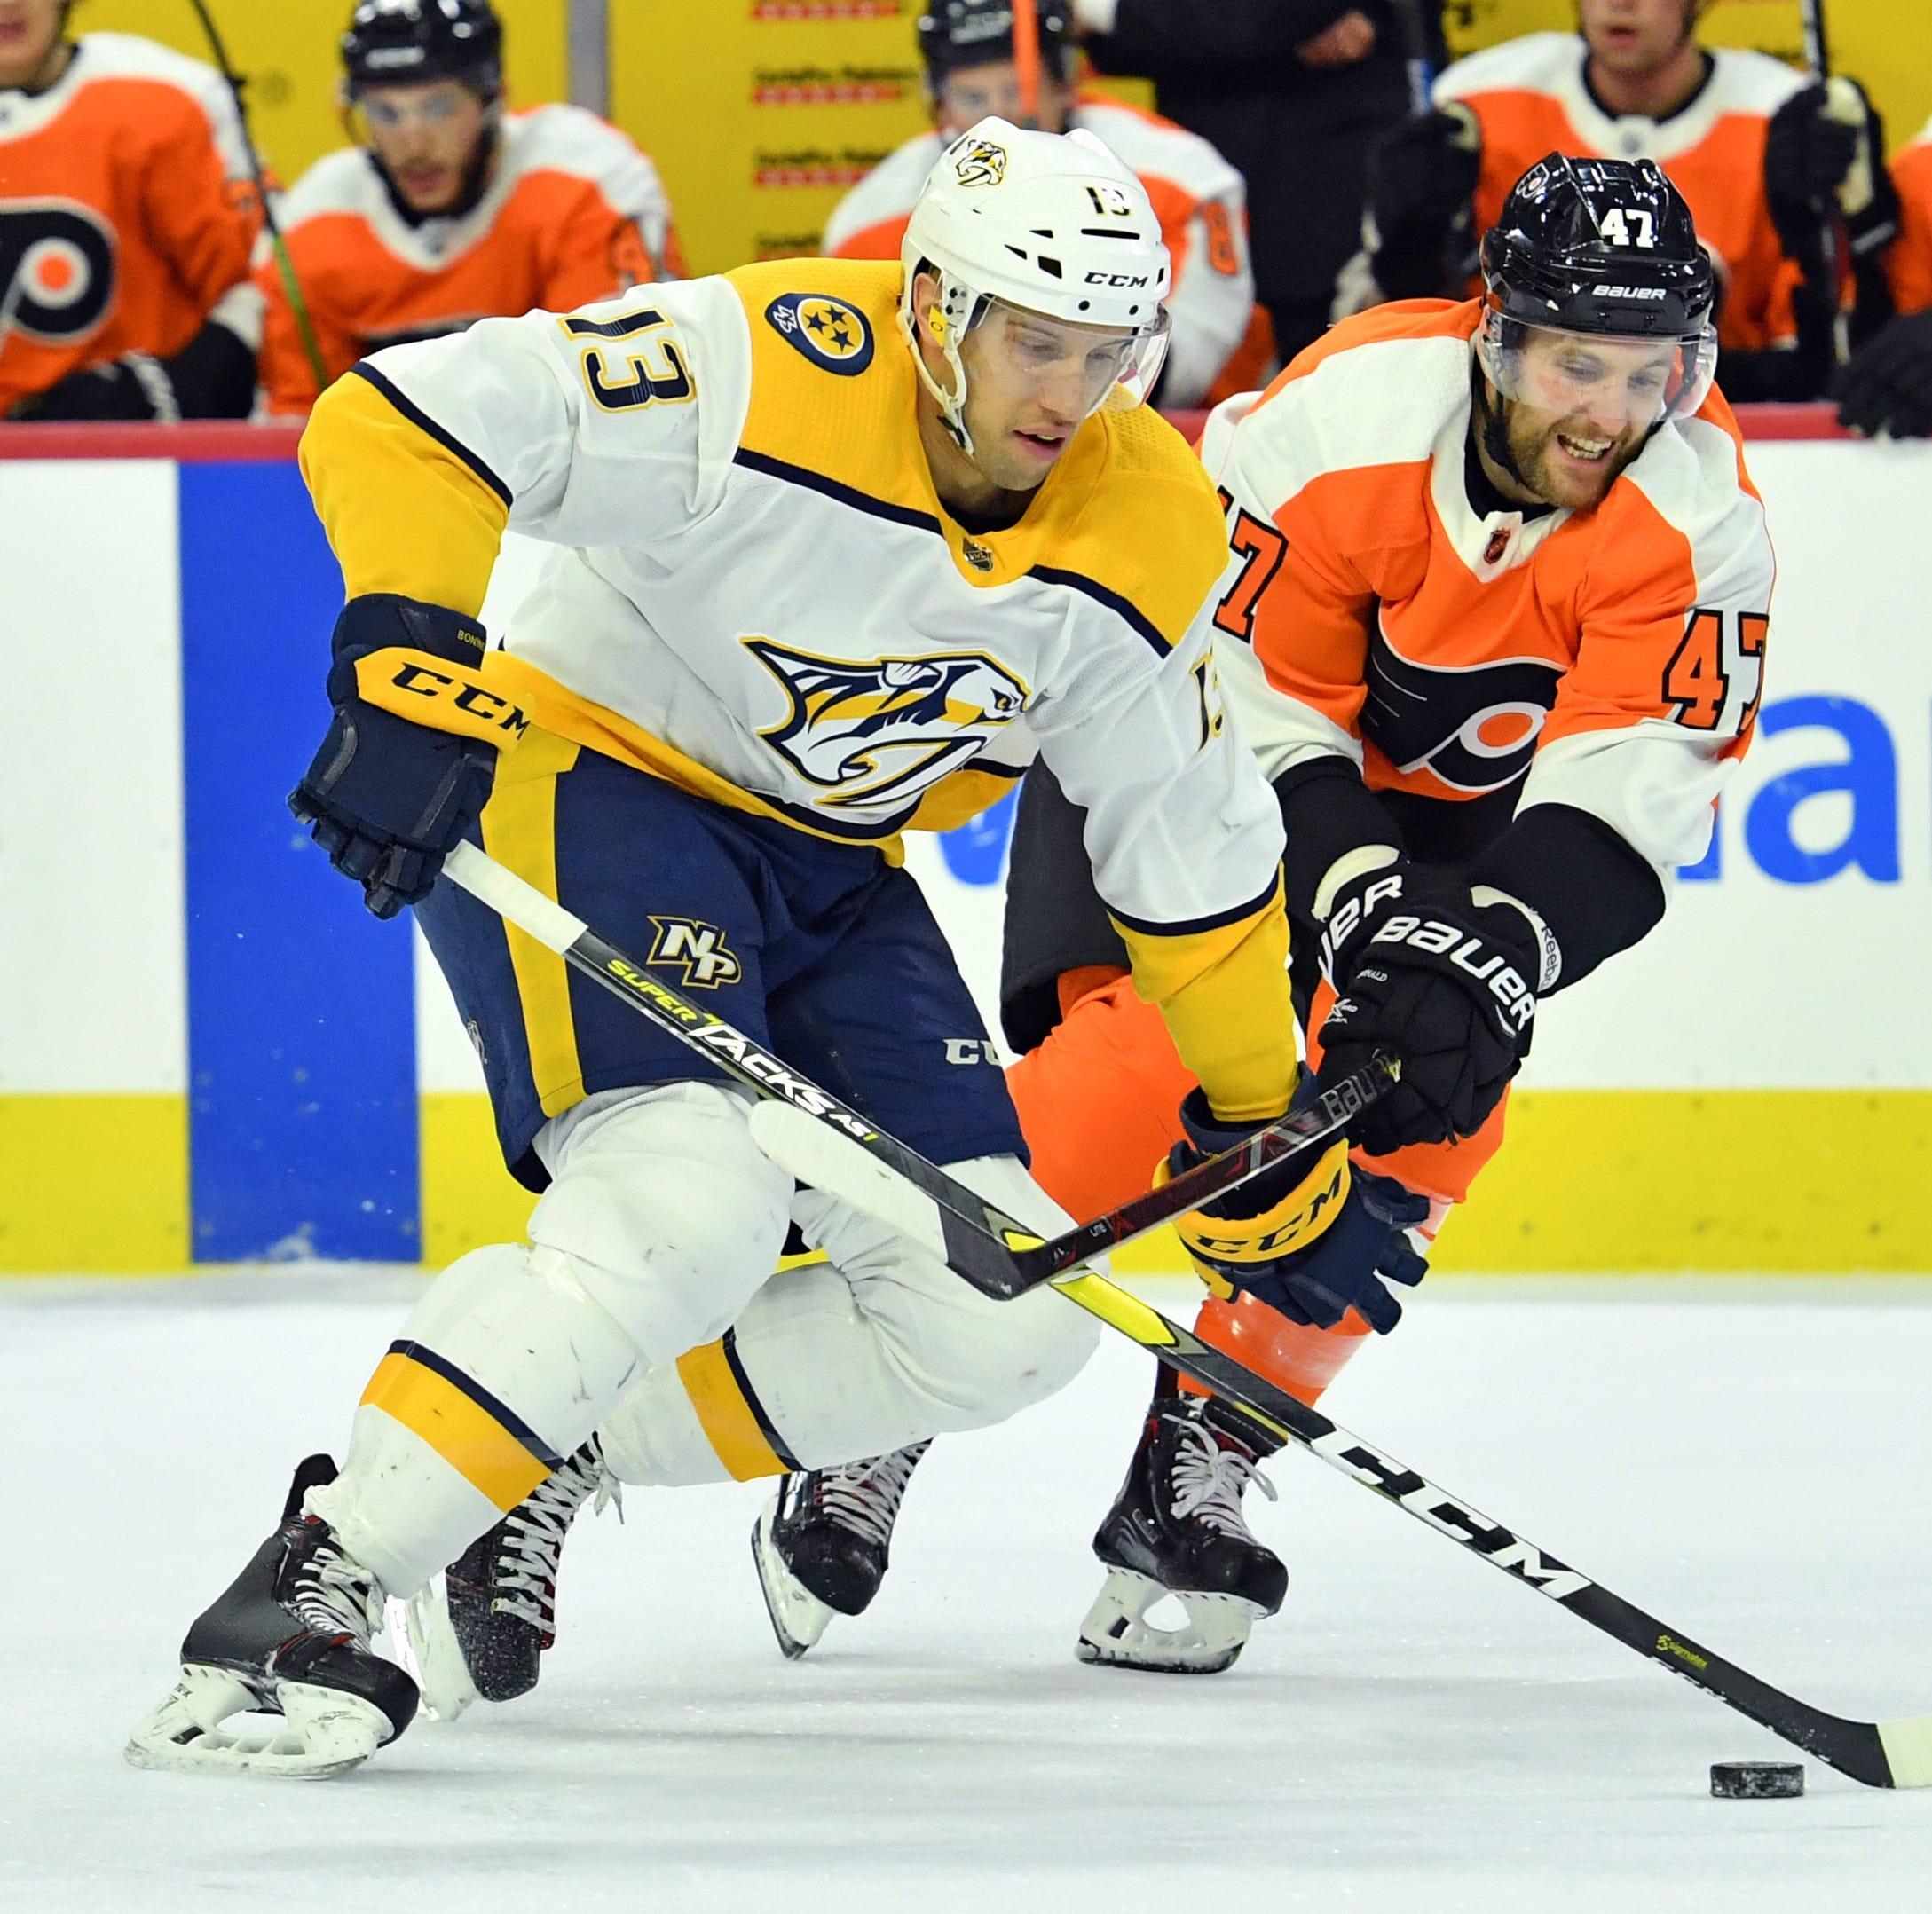 Thursday's recap: Flyers 2, Predators 1